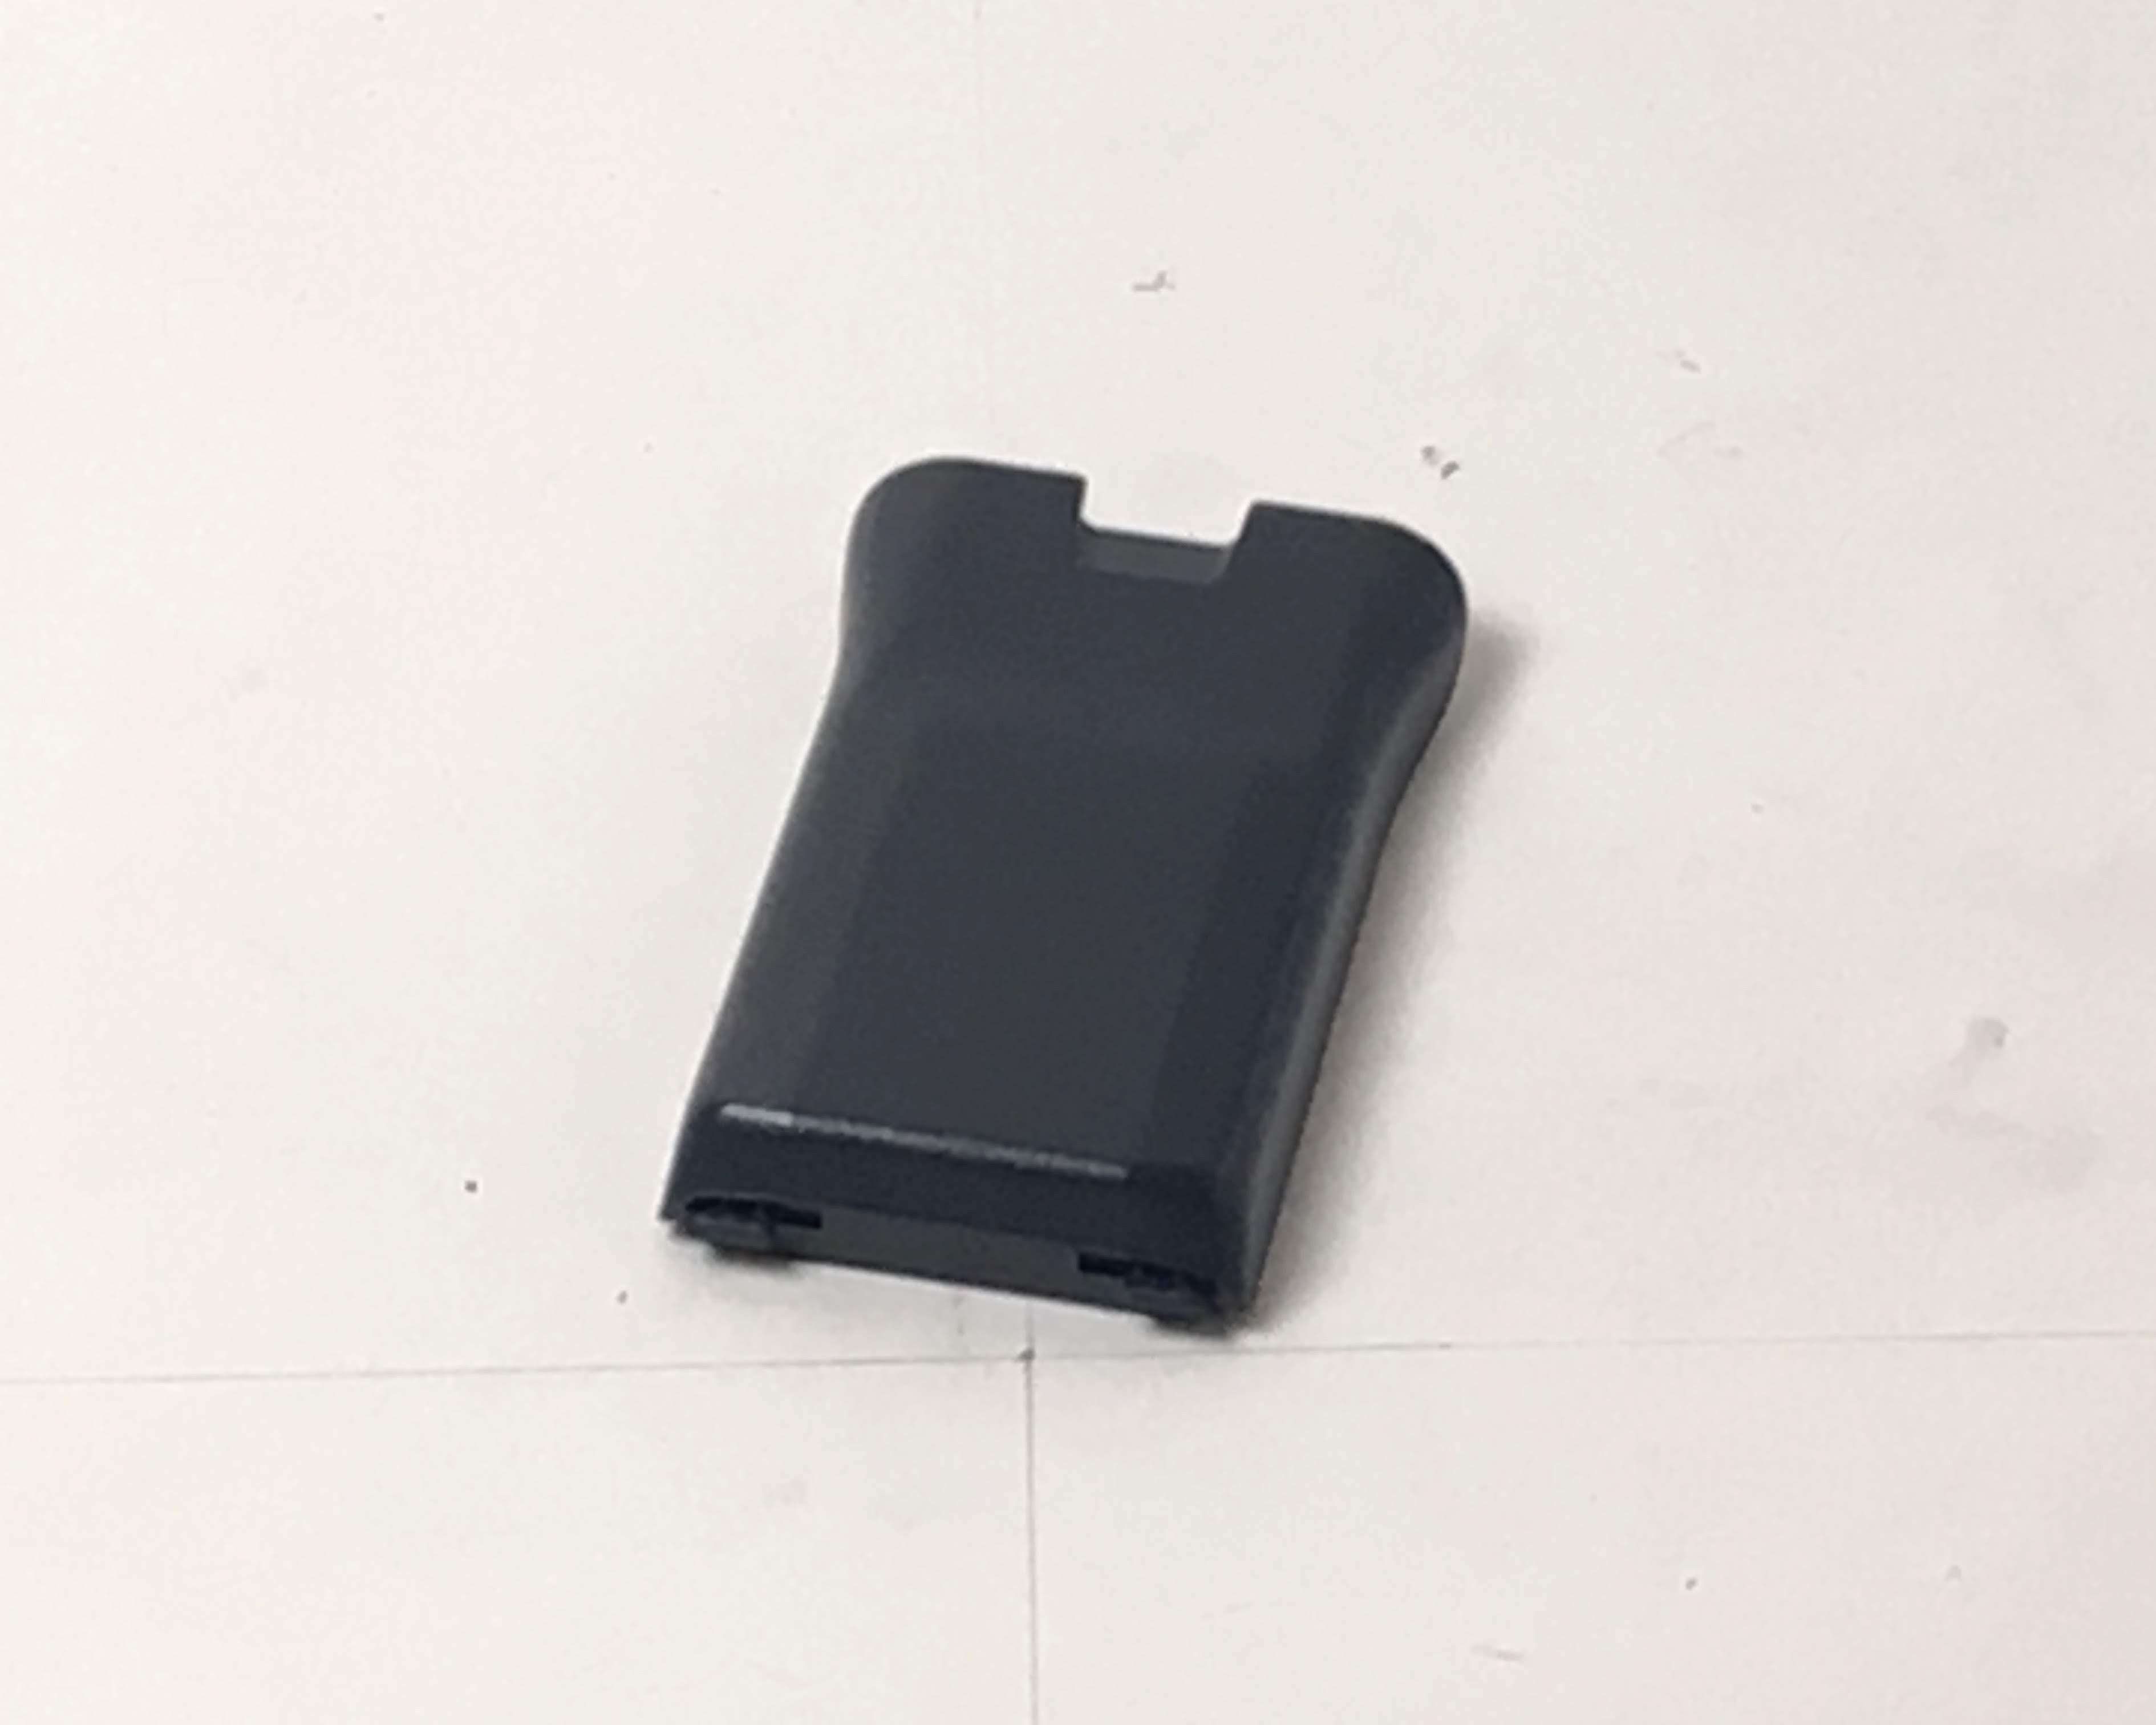 【お買得中古】大容量リチウム電池用カバー  BT-B12 メイン画像